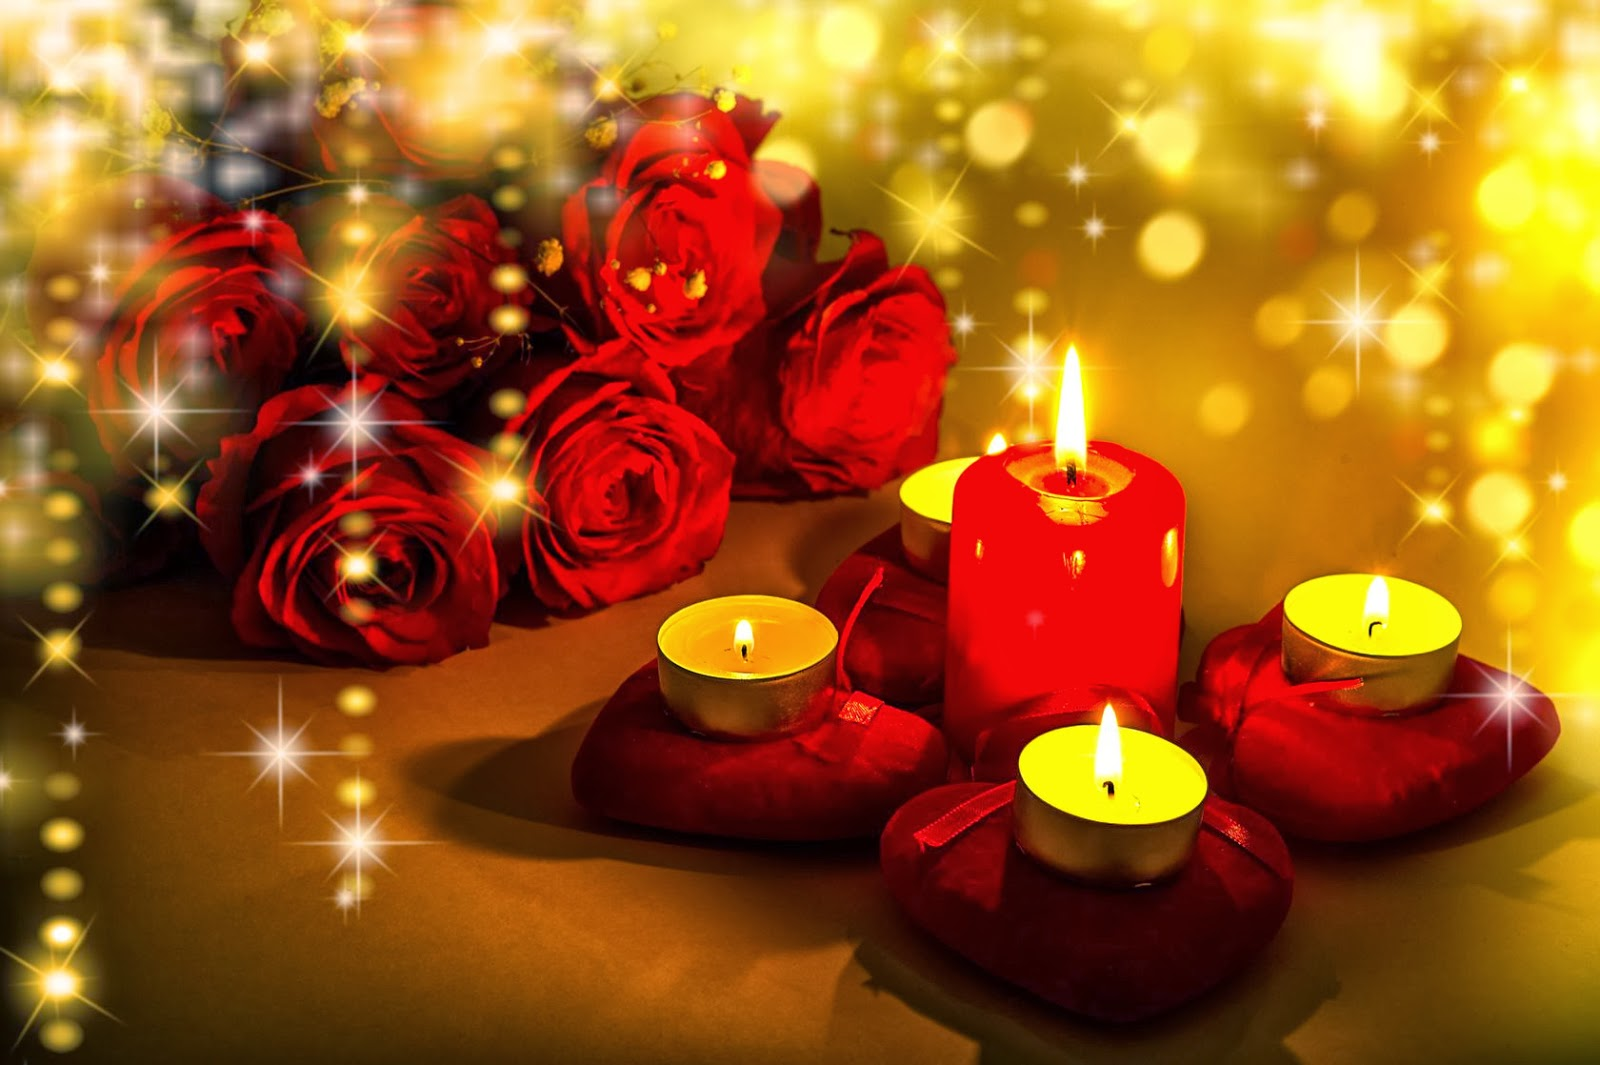 Imagenes De Rosa Rojas - Imagen de amor de rosas rojas con movimiento Imágenes